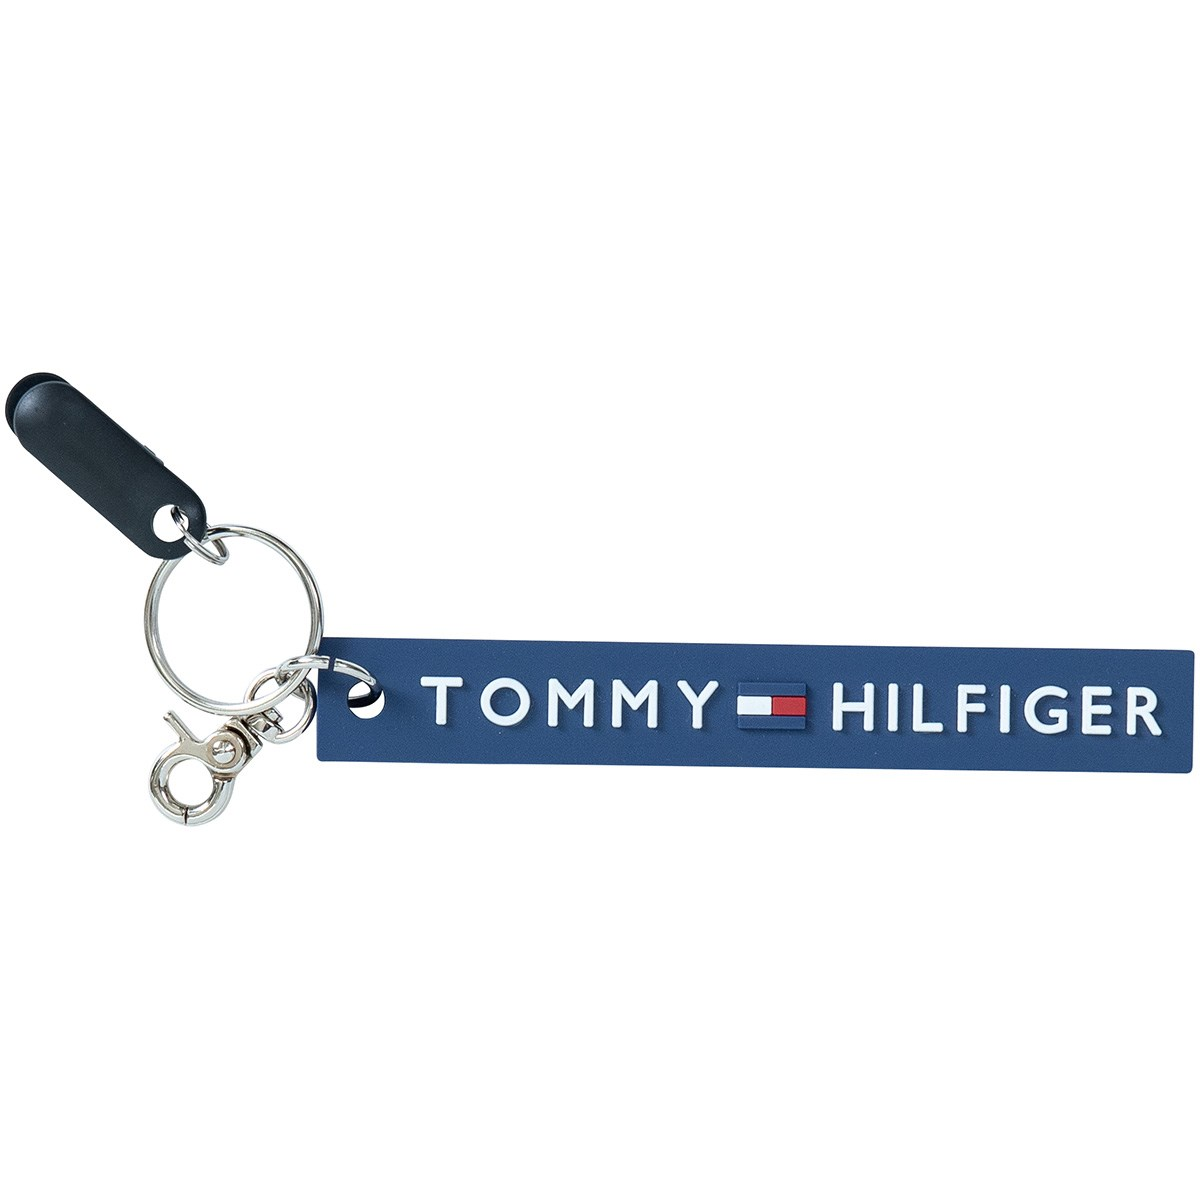 トミー ヒルフィガー ゴルフ TOMMY HILFIGER GOLF パターカバーキャッチャー&ネームプレート ネイビー 30